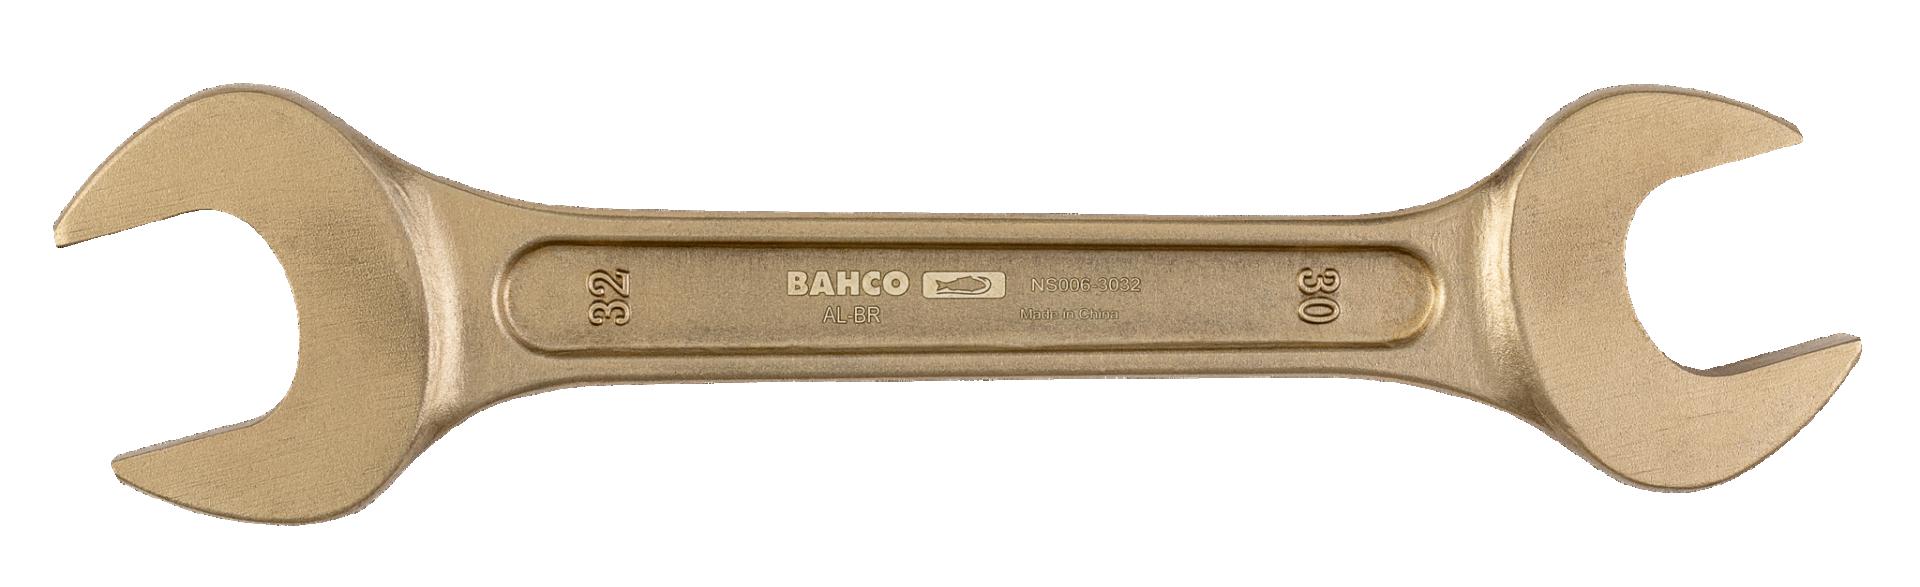 Klucz płaski dwustronny nieiskrzący 27 x 30 mm Bahco (nr kat. NS006-2730)